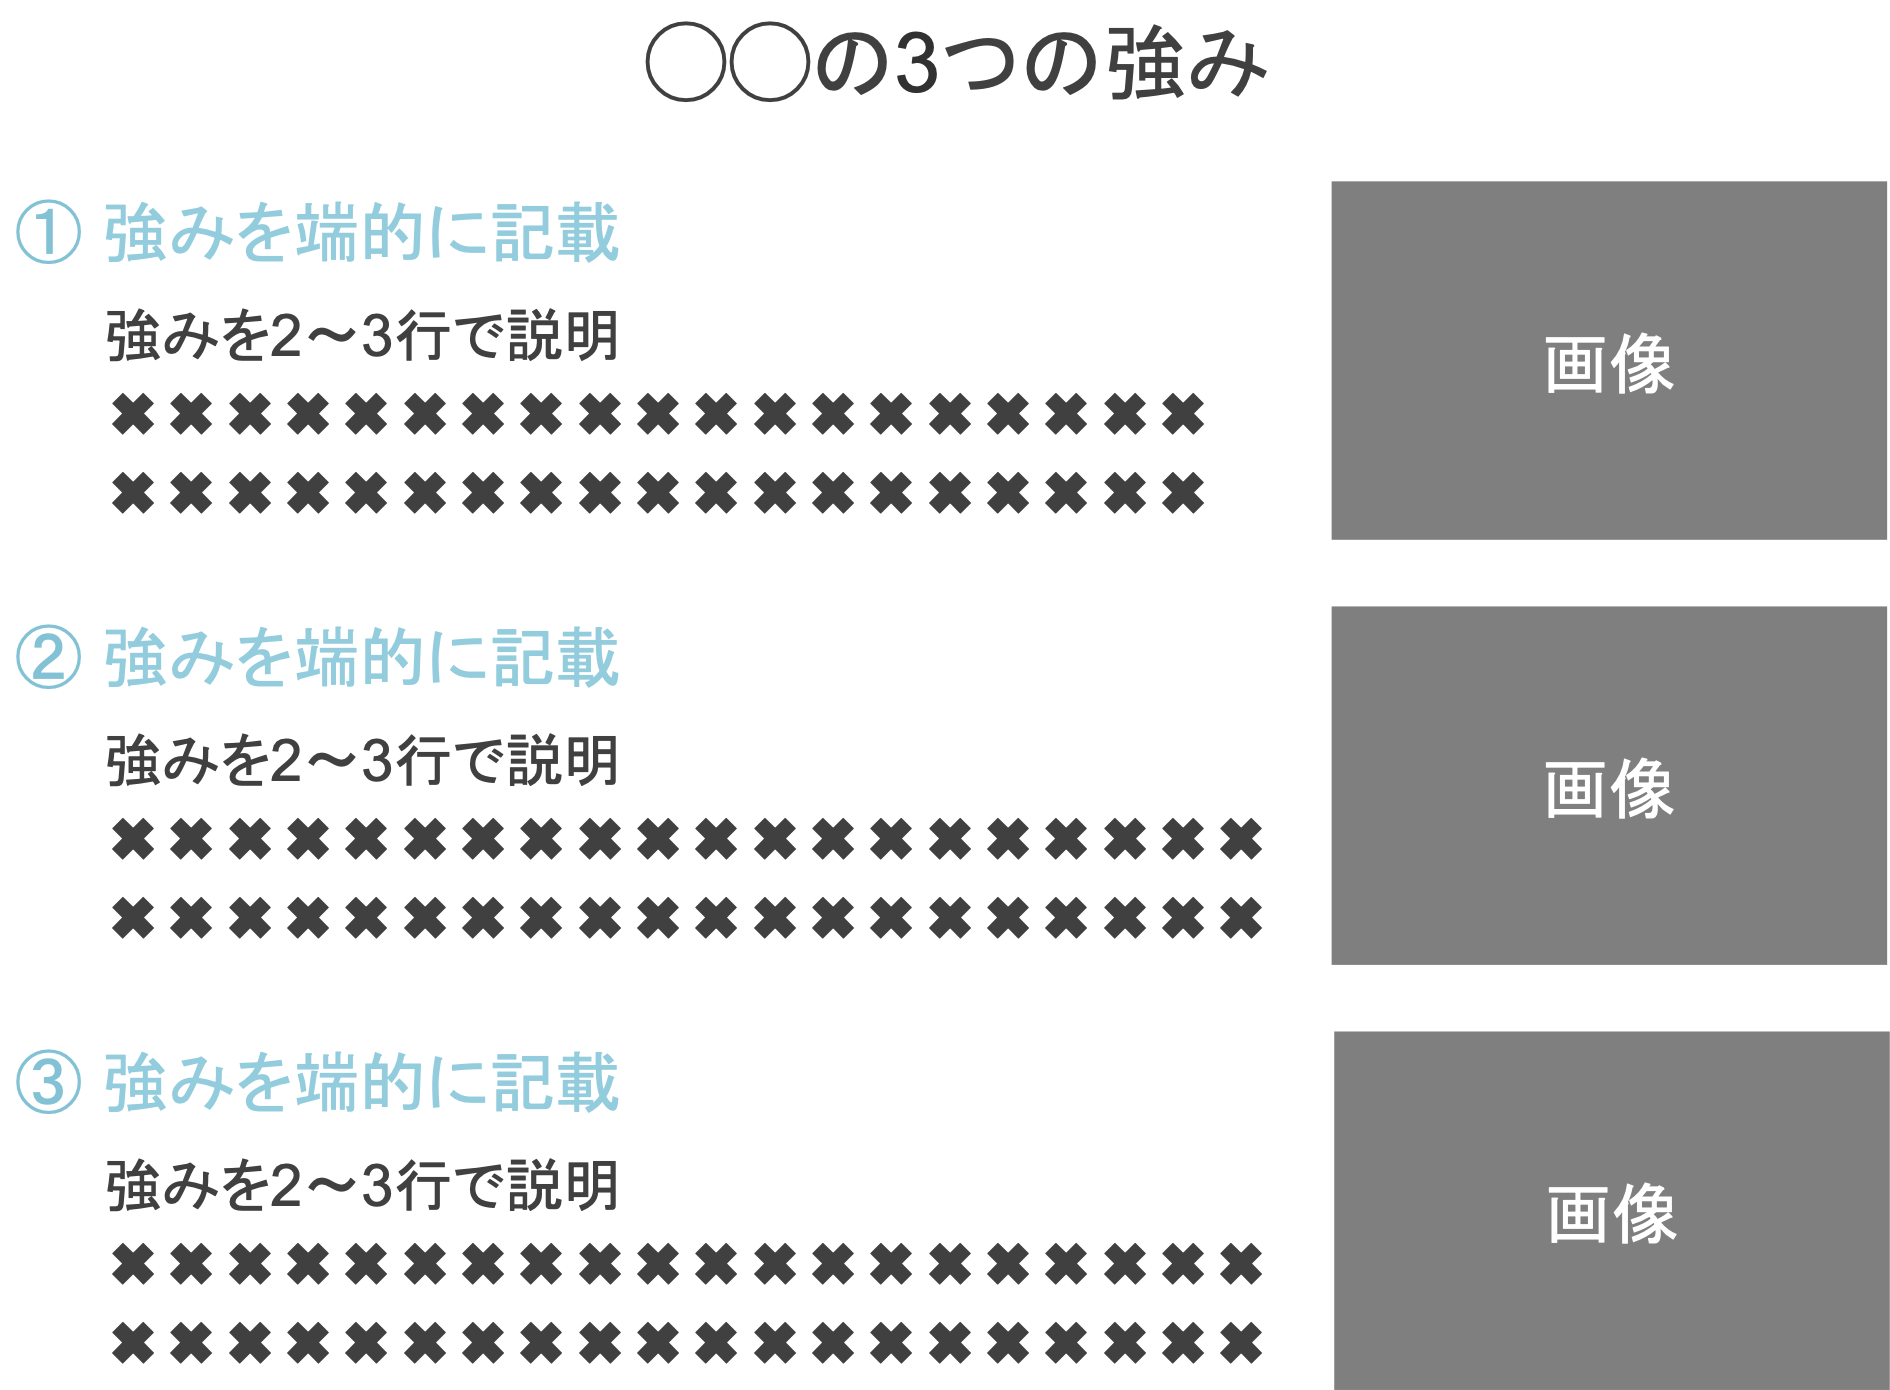 ランディングページ(LP)の構成要素「ベネフィット」の具体例